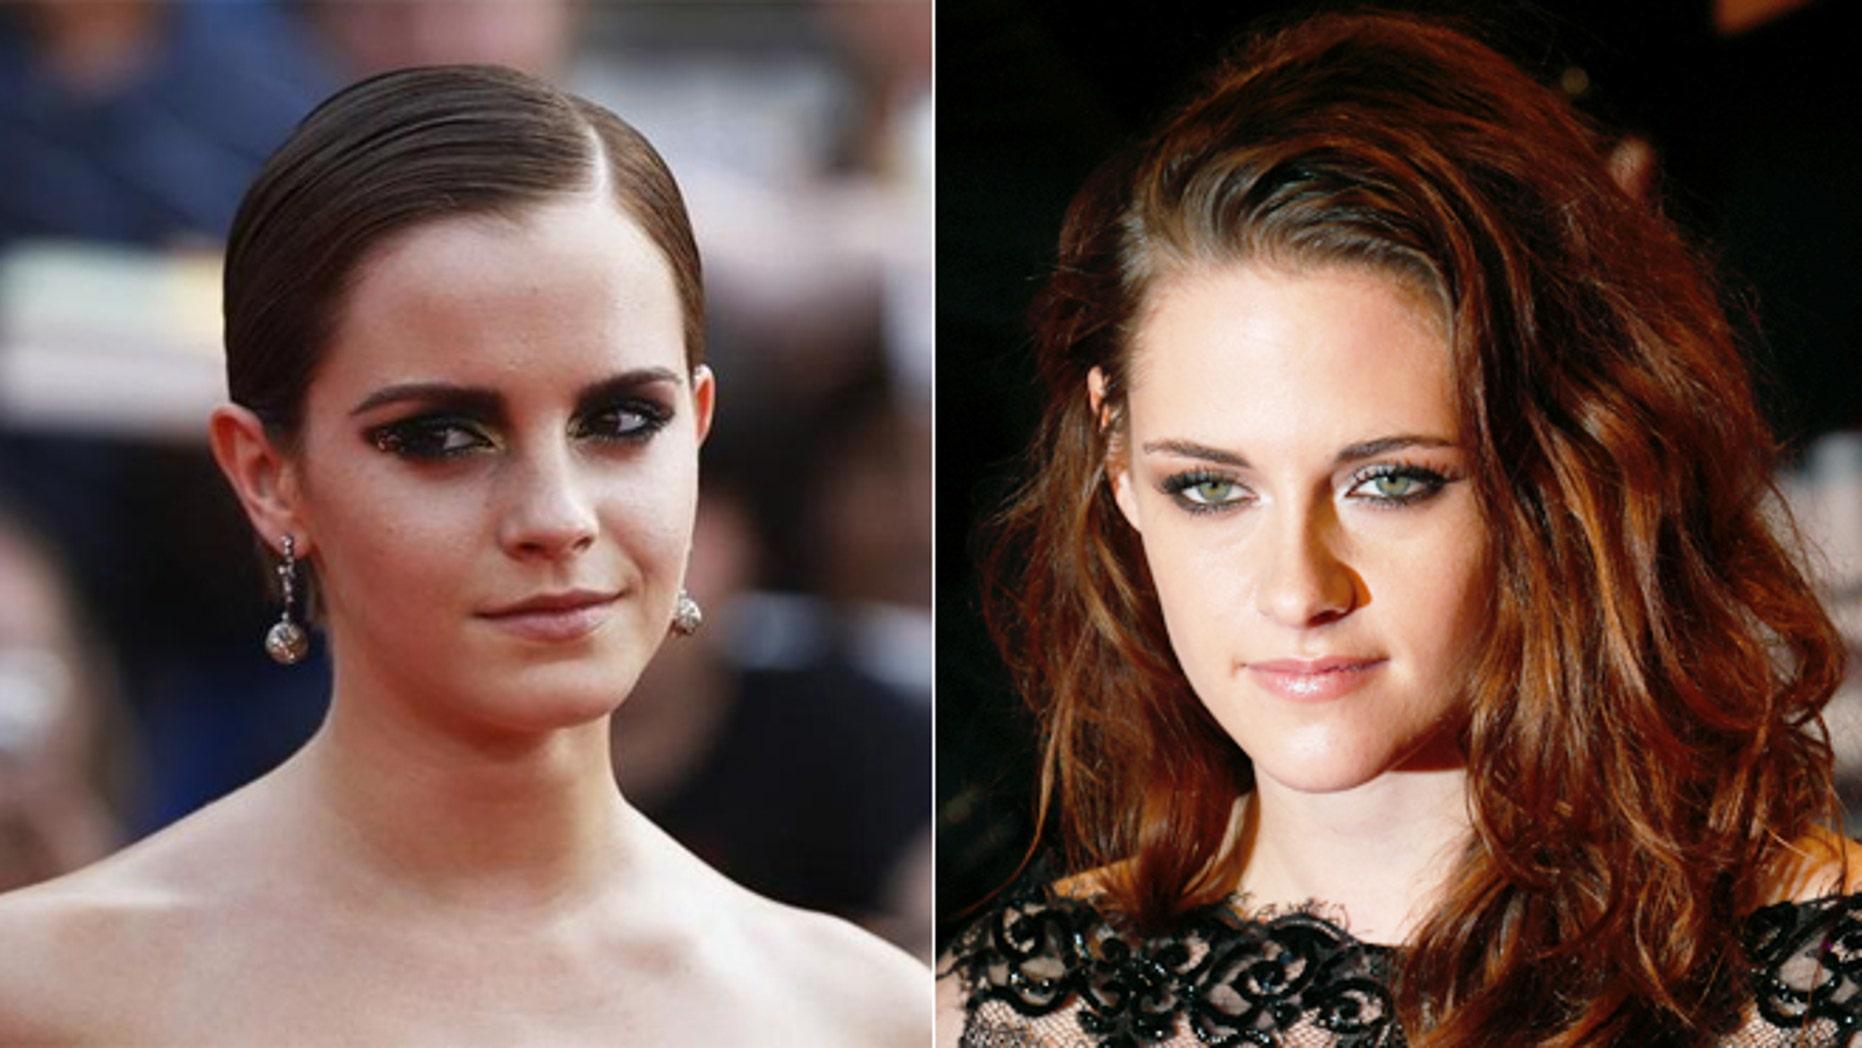 Emma Watson, left, and Kristen Stewart, right.